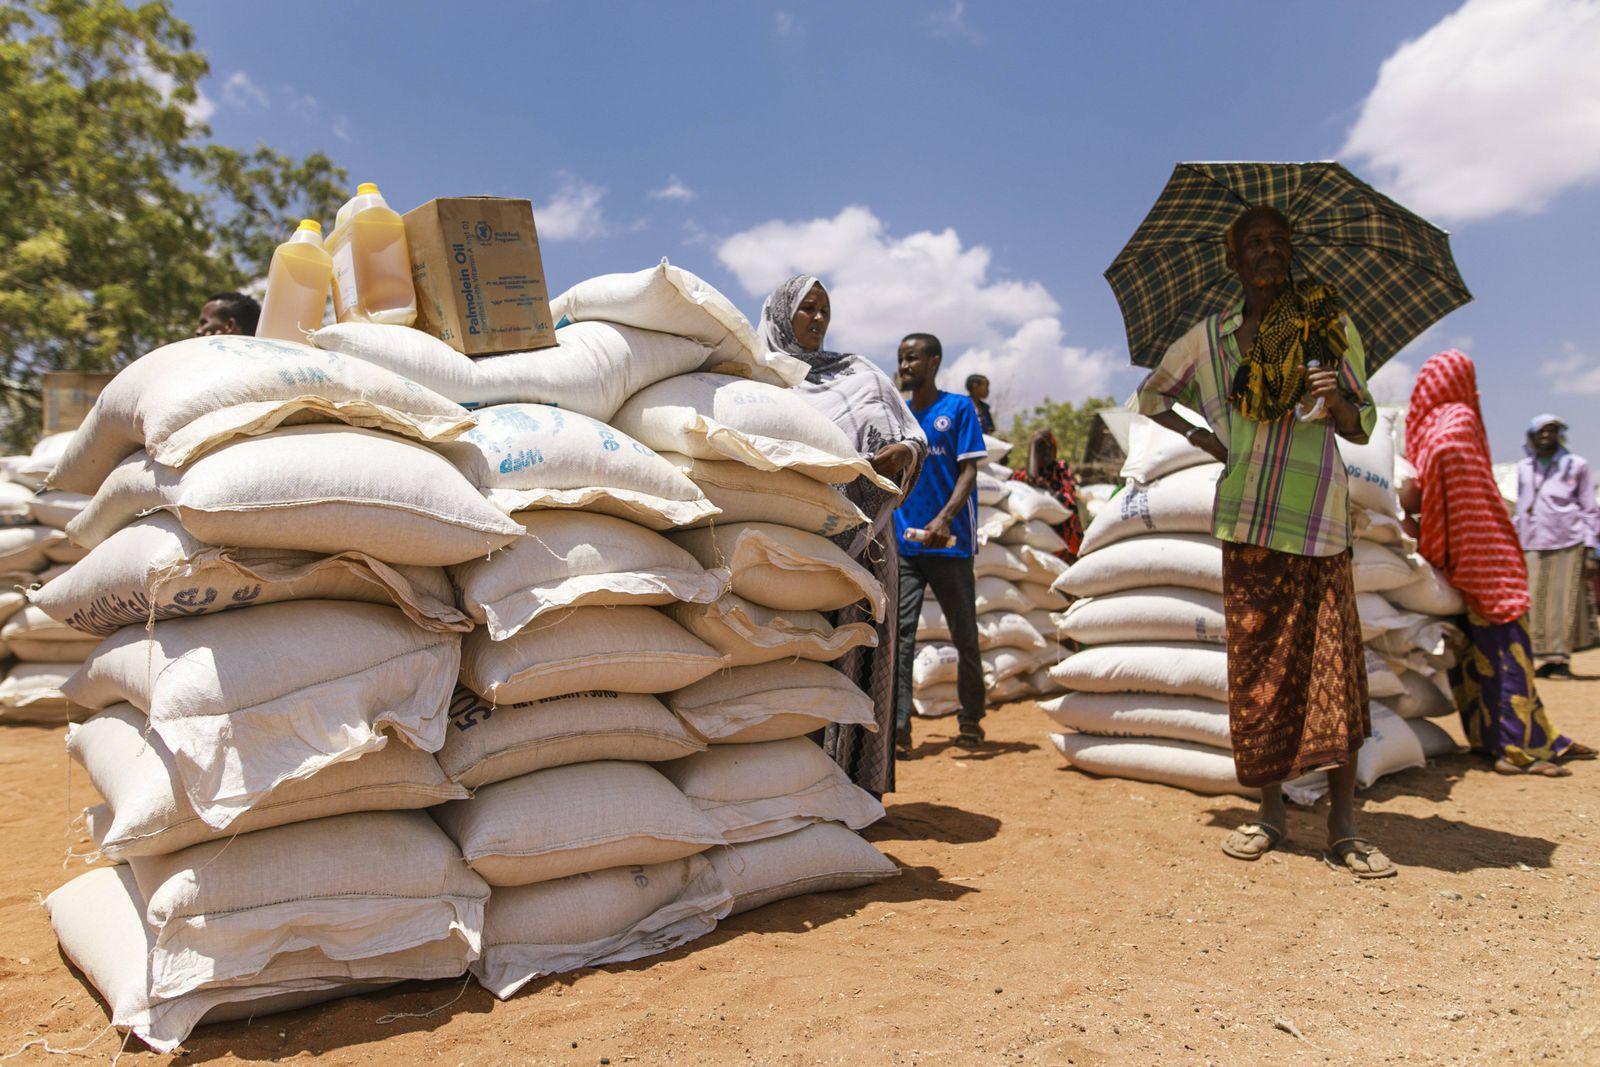 Bewohner eines Dorfes in der Somali Region in Aethiopien, in dem sich Pastorale (Aethiopische Nomaden) wegen der anhalt